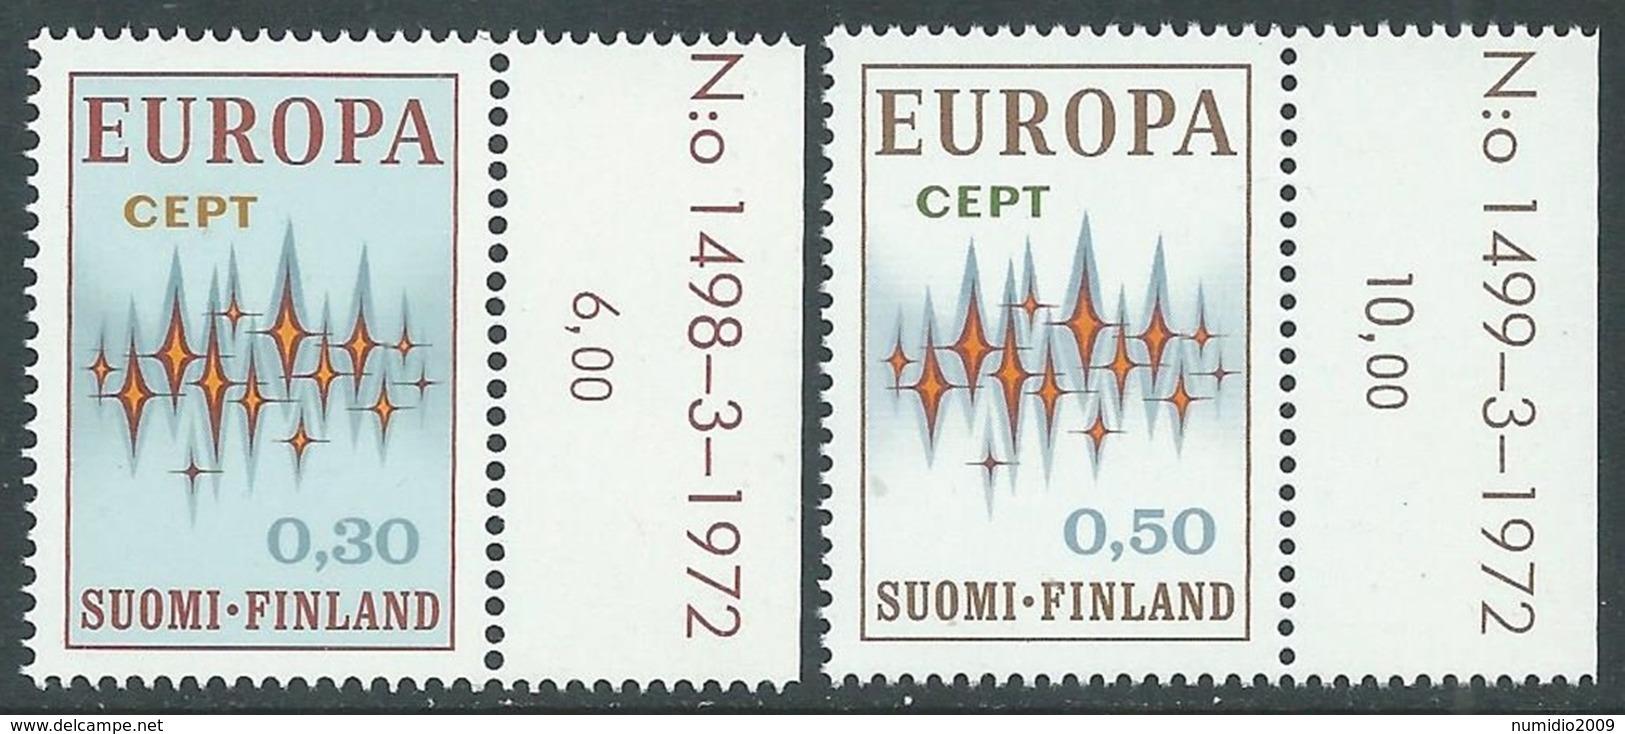 1972 EUROPA UNITA CEPT FINLANDIA MNH ** - F10-10 - Europa-CEPT